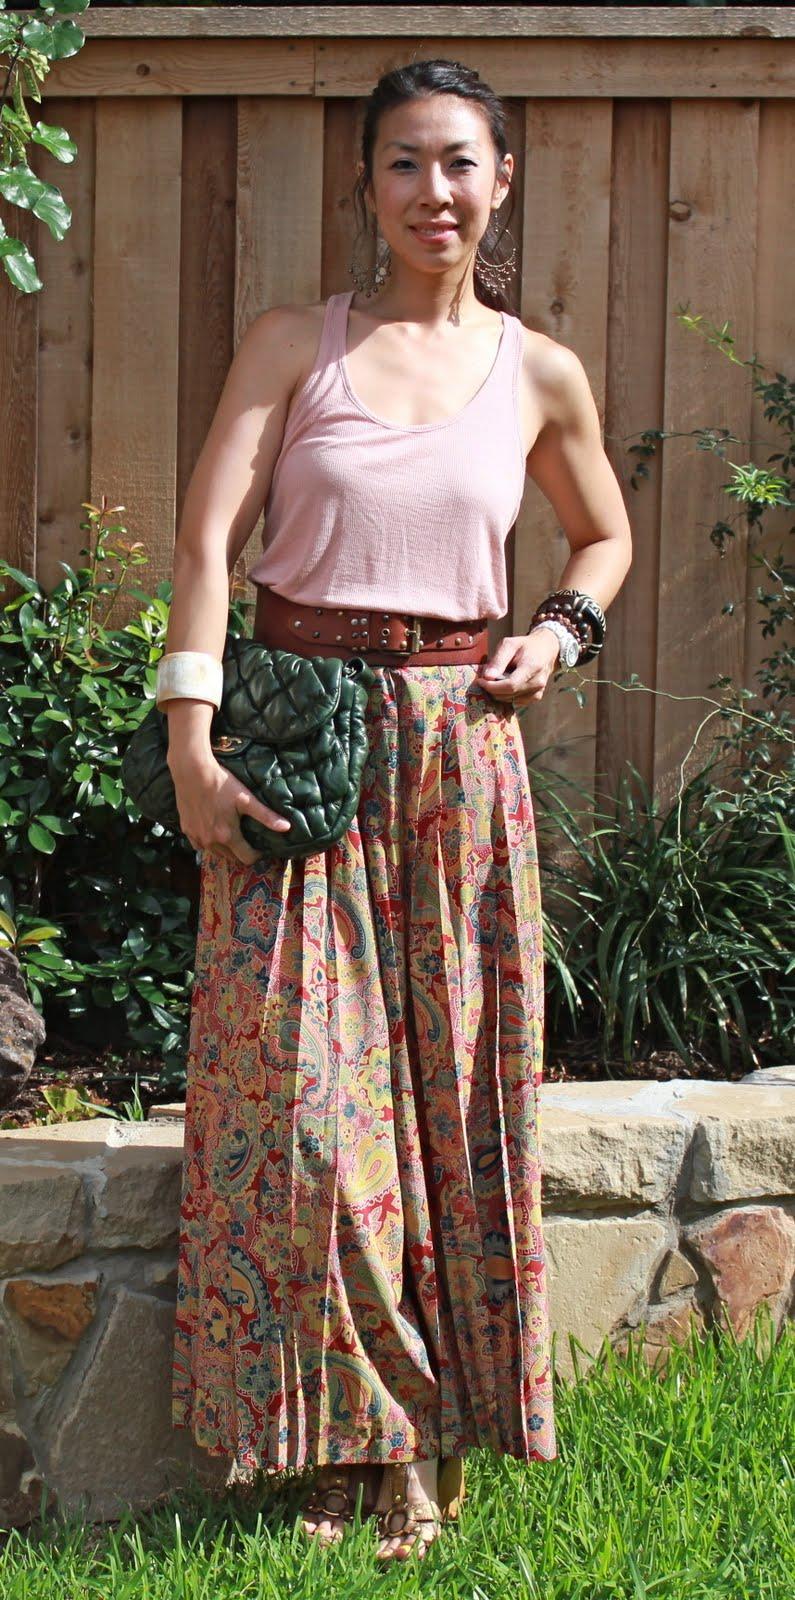 Hippie Chic - Style of Sam | DFW Fashion Blog